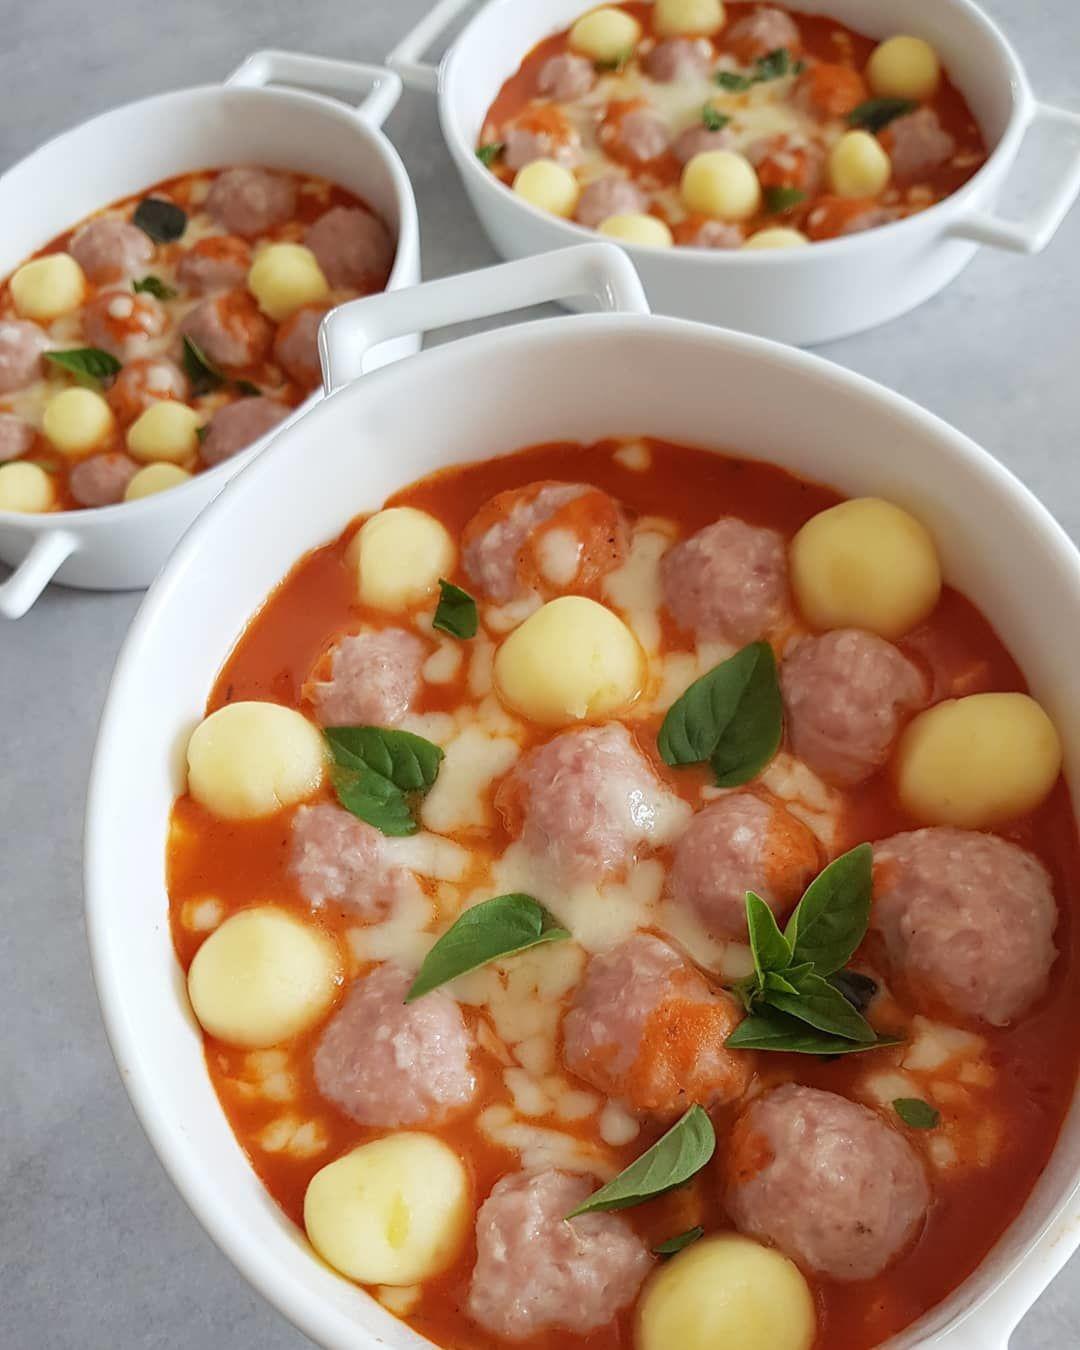 Фрикадельки запеченые в томатном соусе.